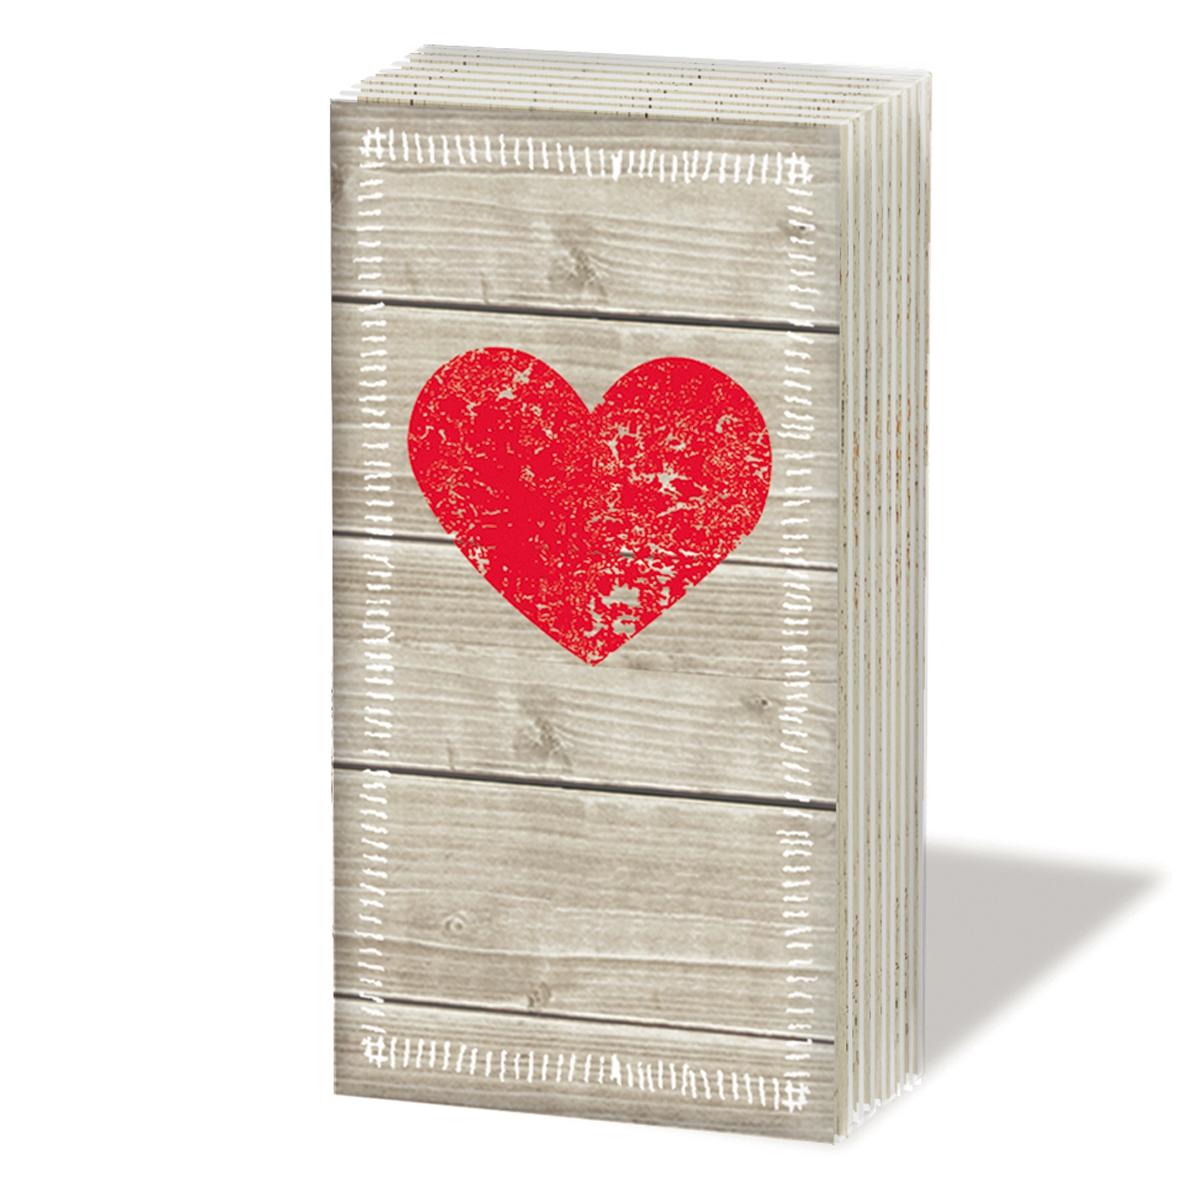 Taschentücher Heart of Wood,  Everyday,  bedruckte papiertaschentücher,  Herz,  Liebe